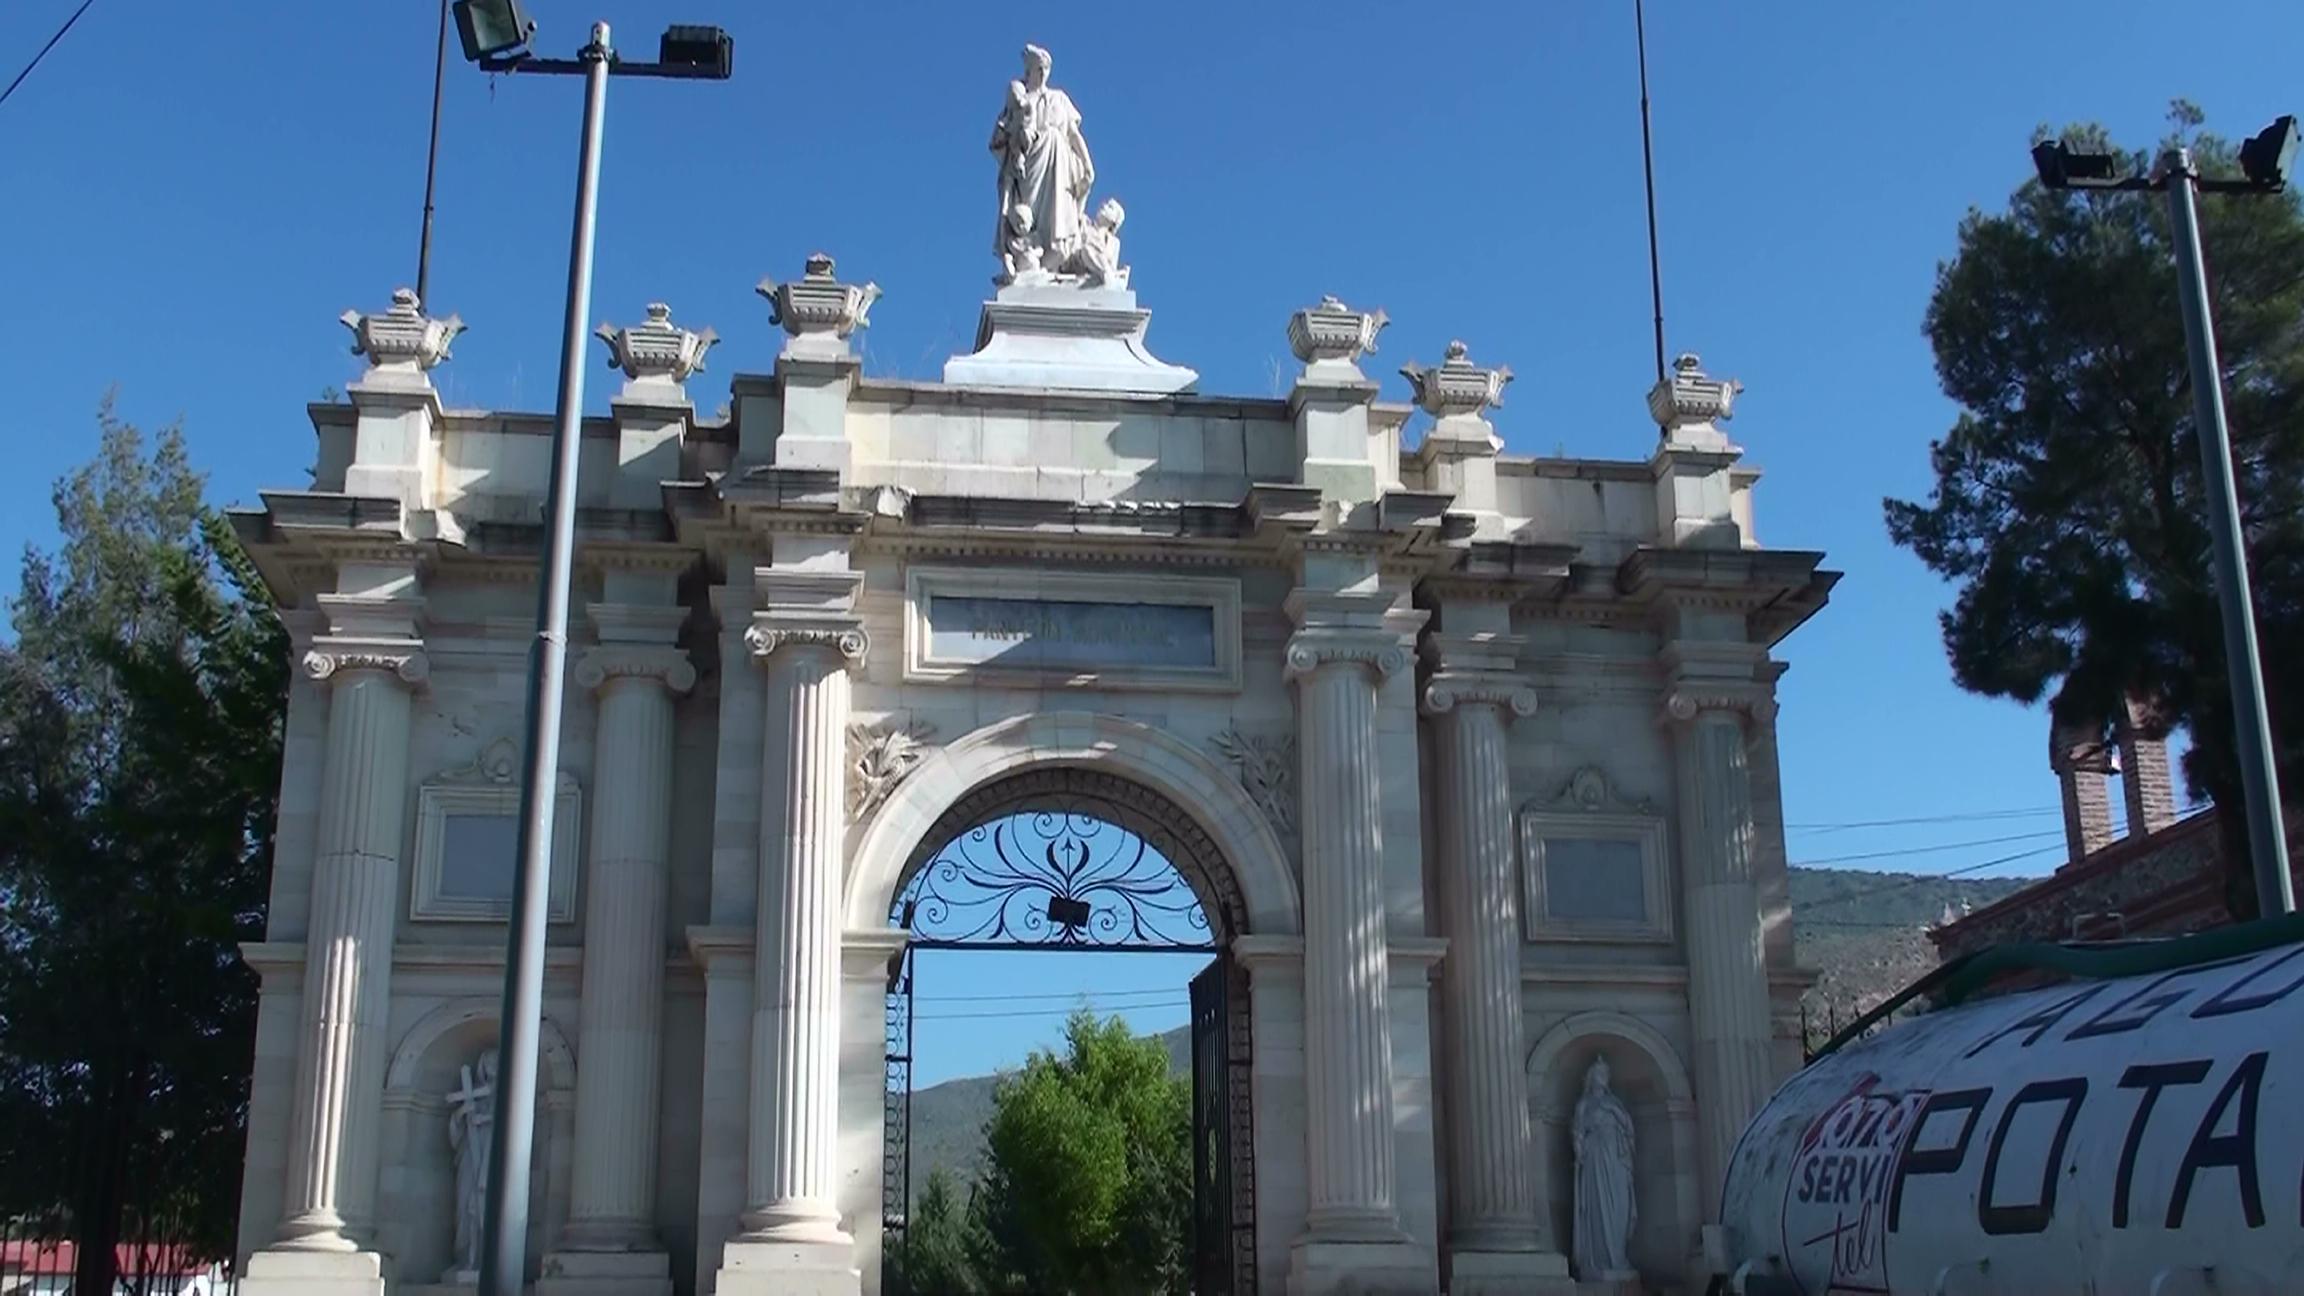 San Bartolo, panteón municipal de Pachuca, Hdgo. México